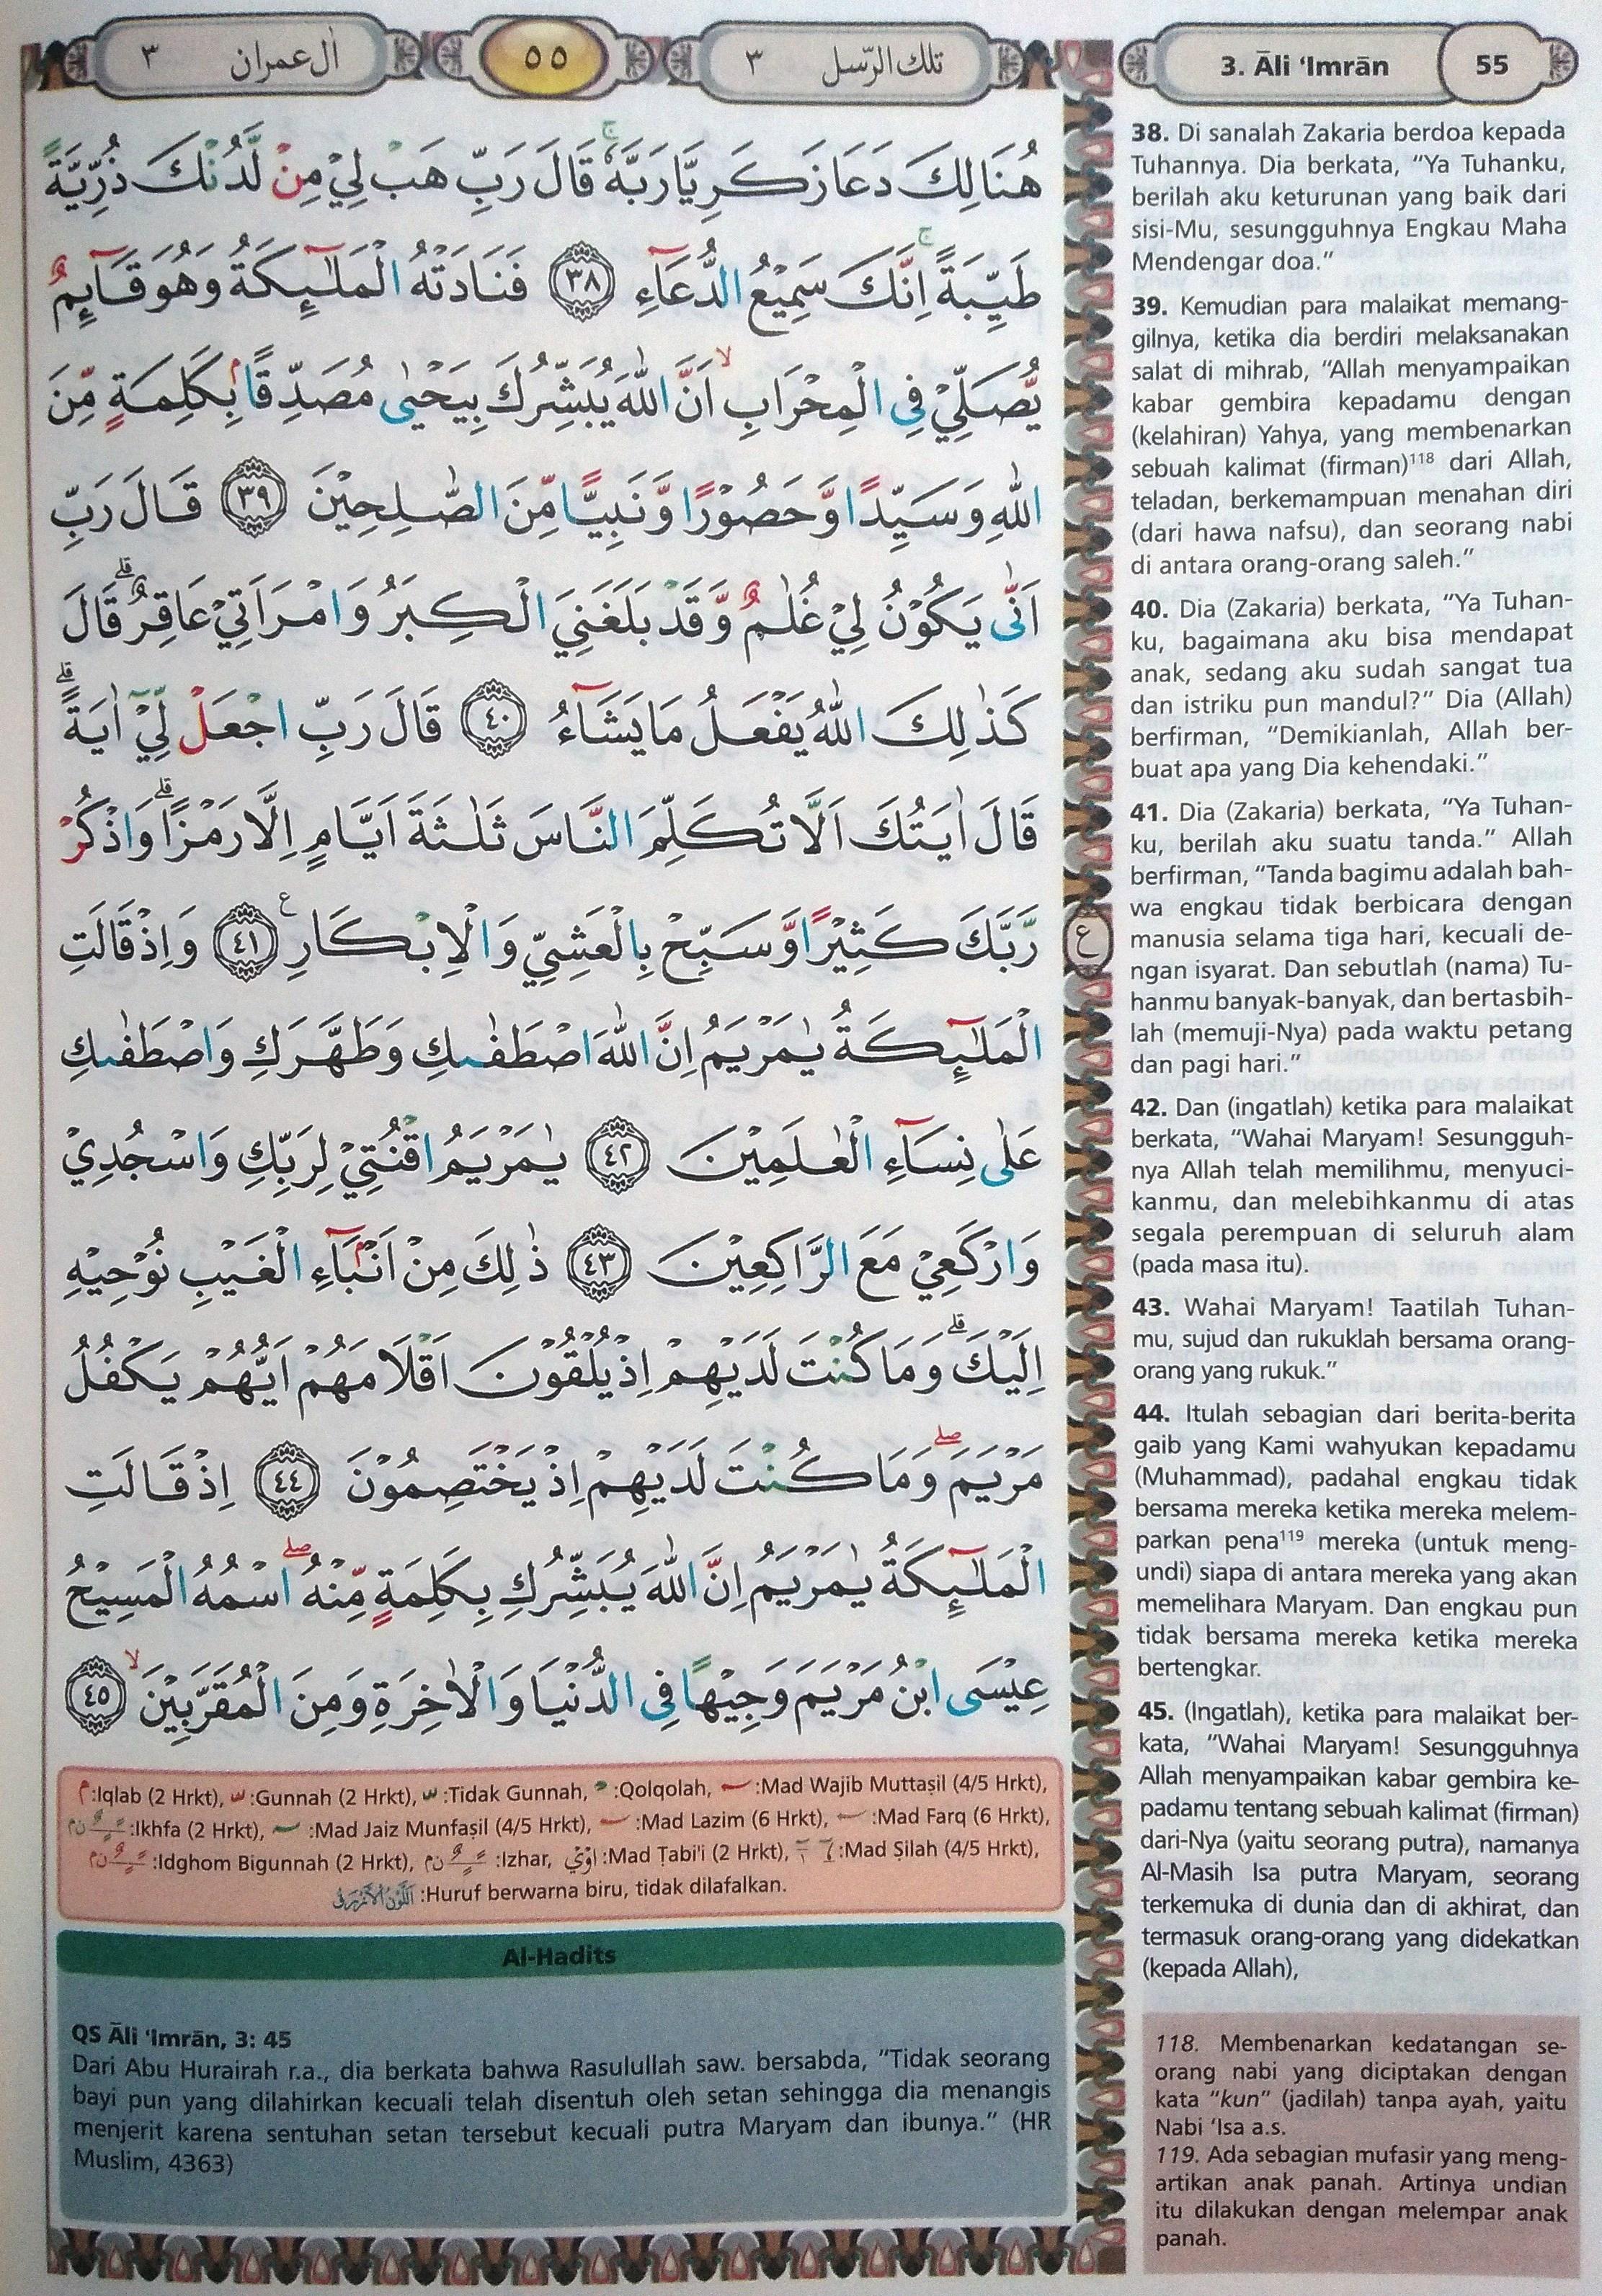 Ali Imran 38-45